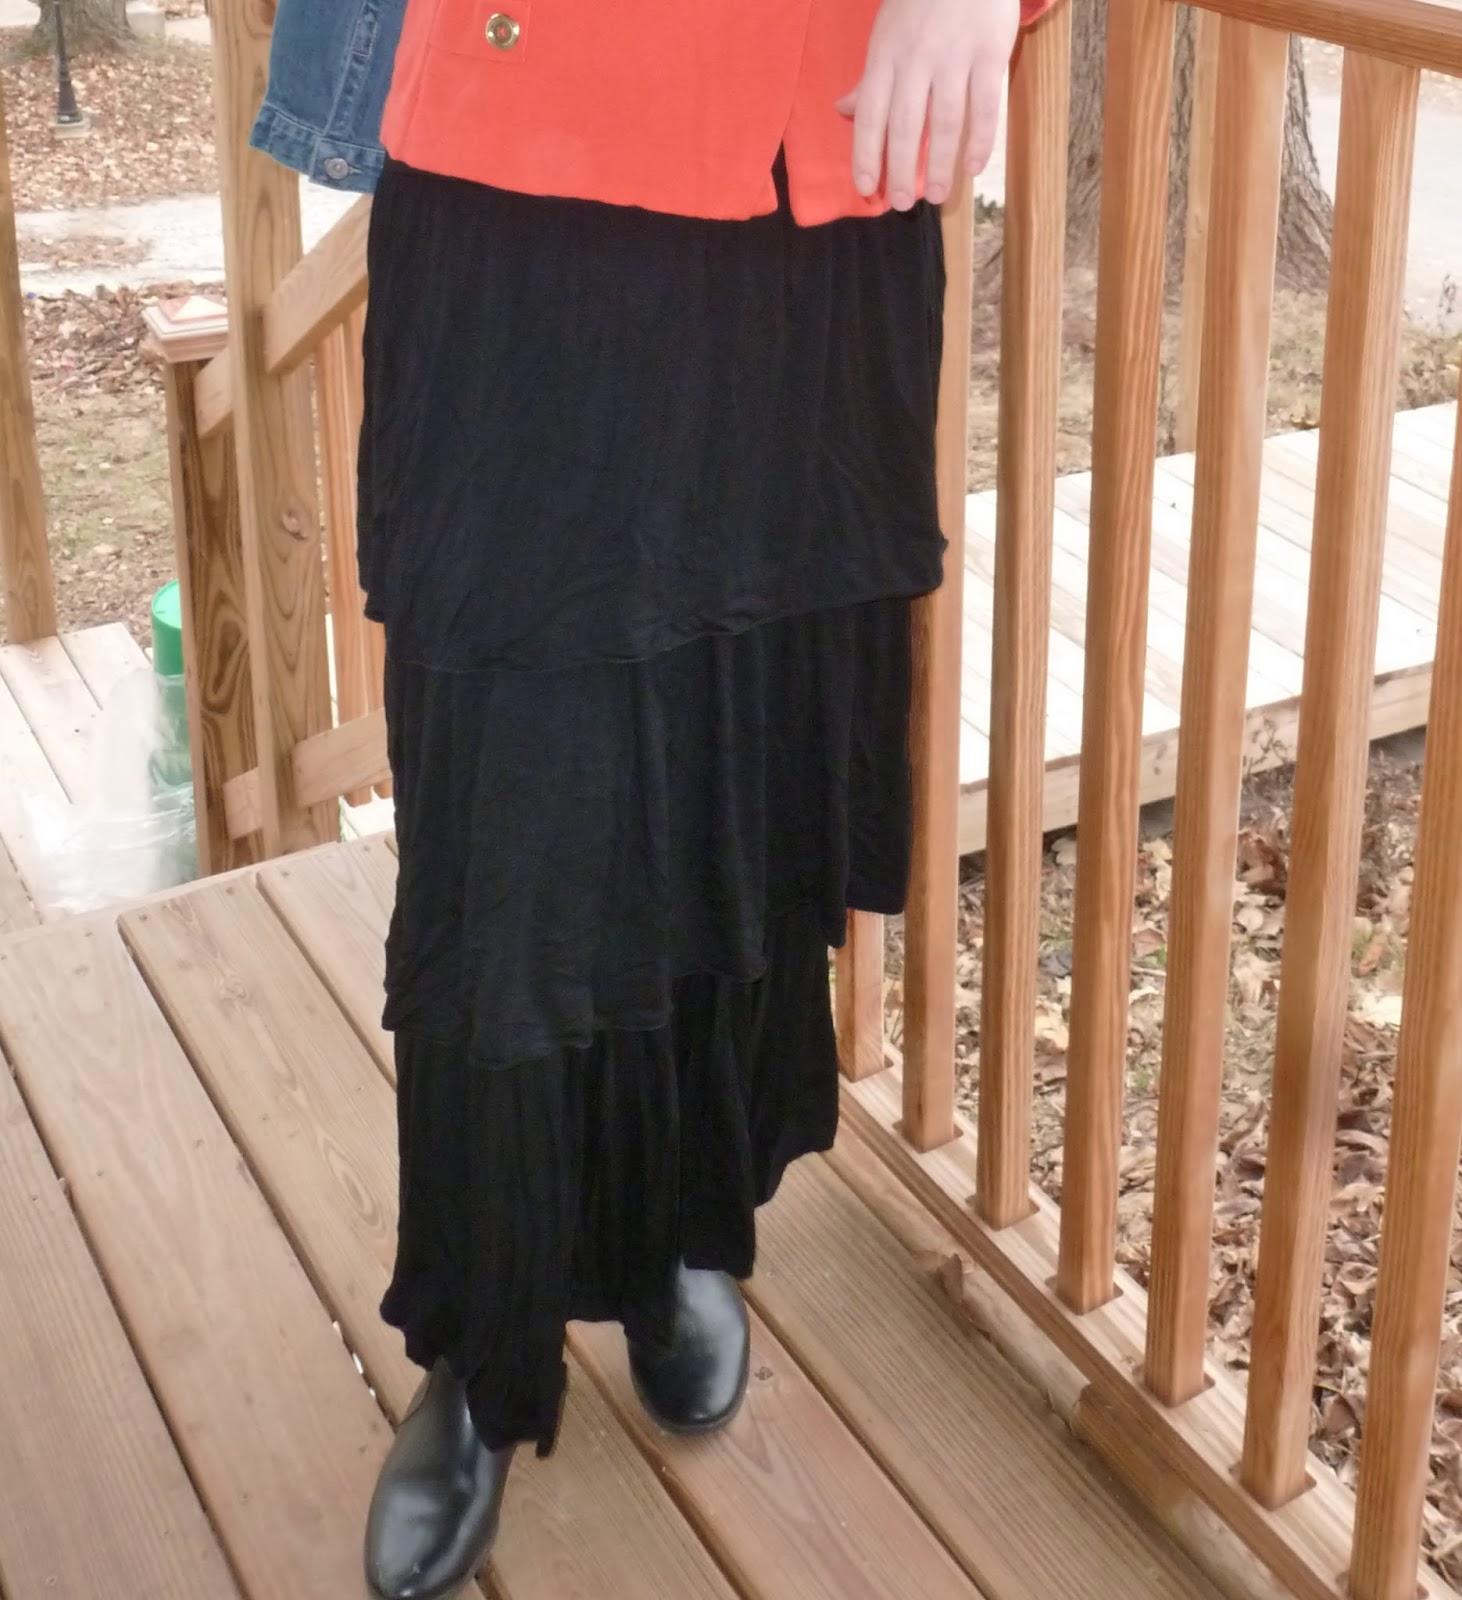 Hopes Cafe: Stylish, Modest Womens Wear From Apostolic